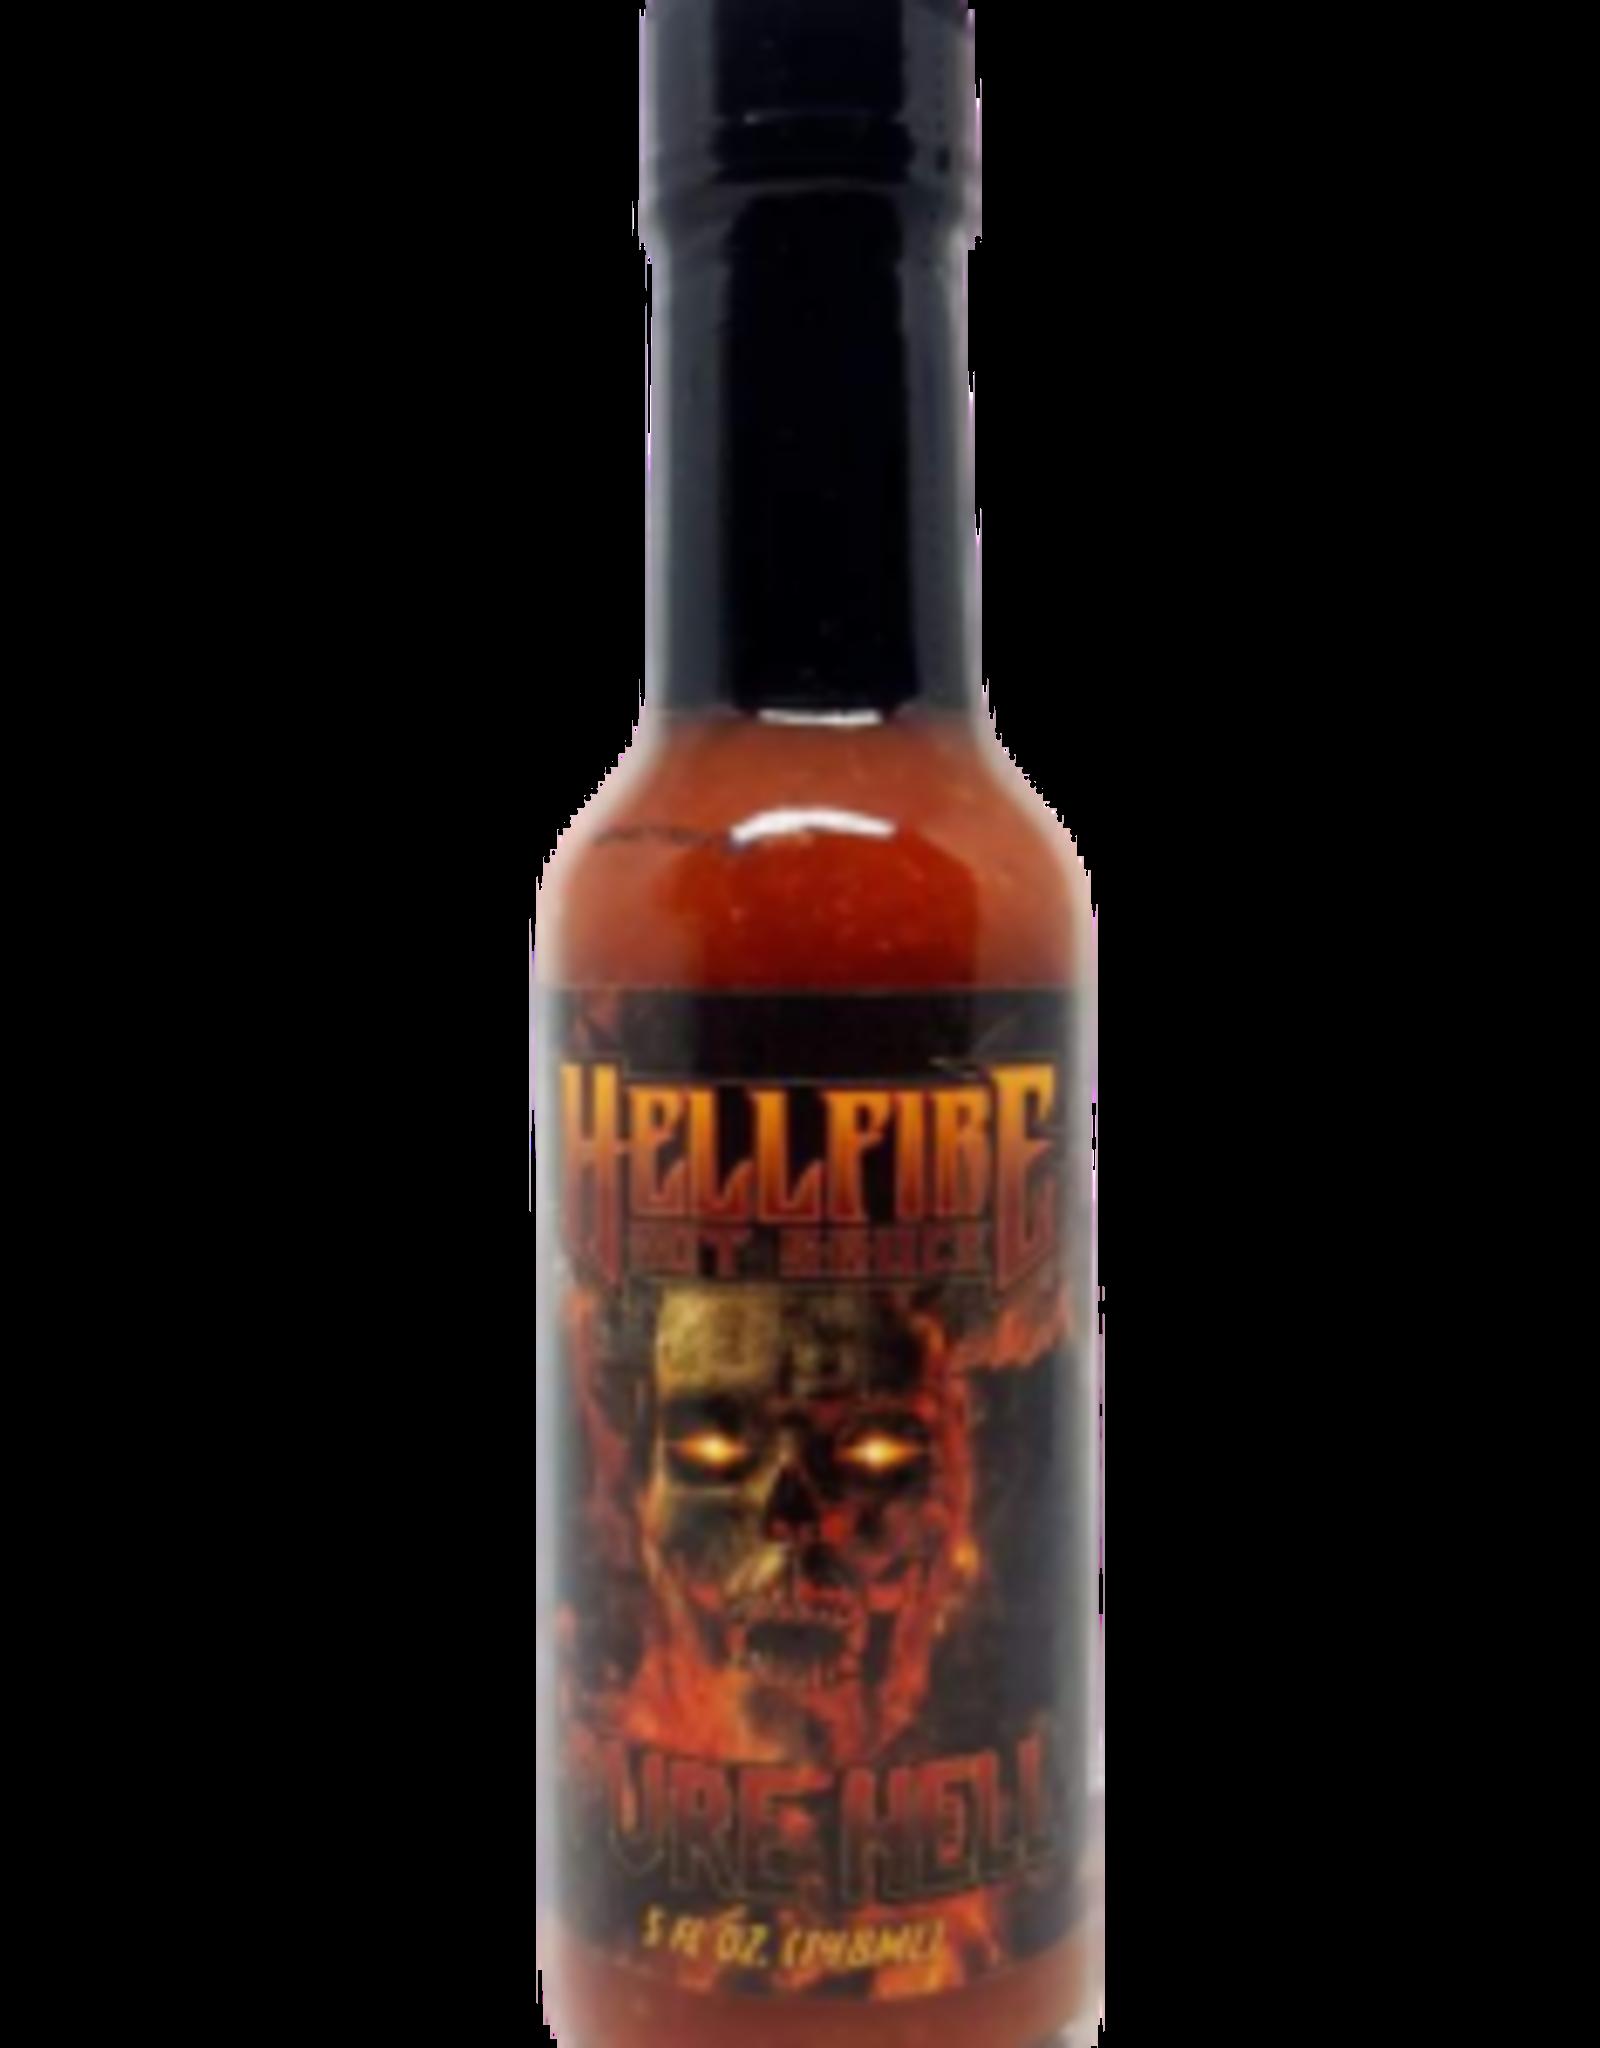 Hellfire Pure Hell